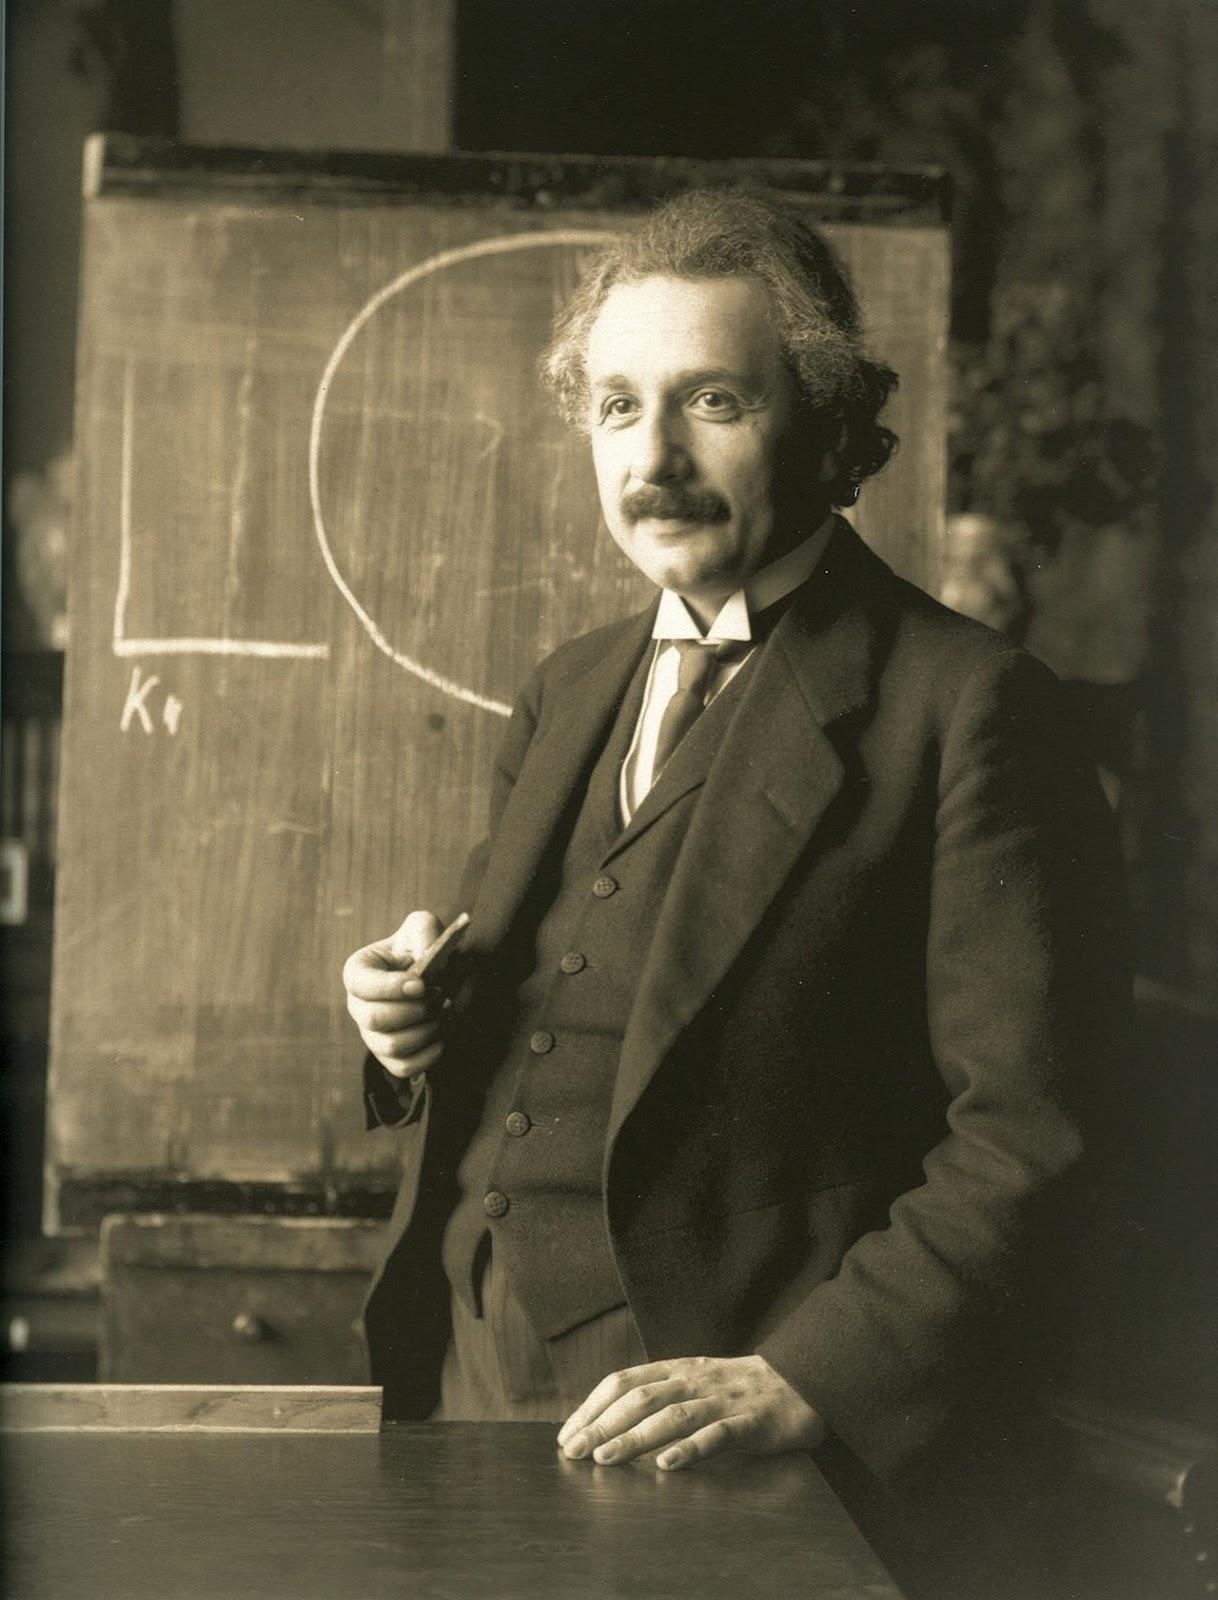 Albert Einstein trong một buổi thuyết trình tại Vienna, thủ đô Áo quốc vào năm 1921. Tác giả : Ferdinand Schmutzer, phục hồi hình cũ bởi Adam Cuerden.